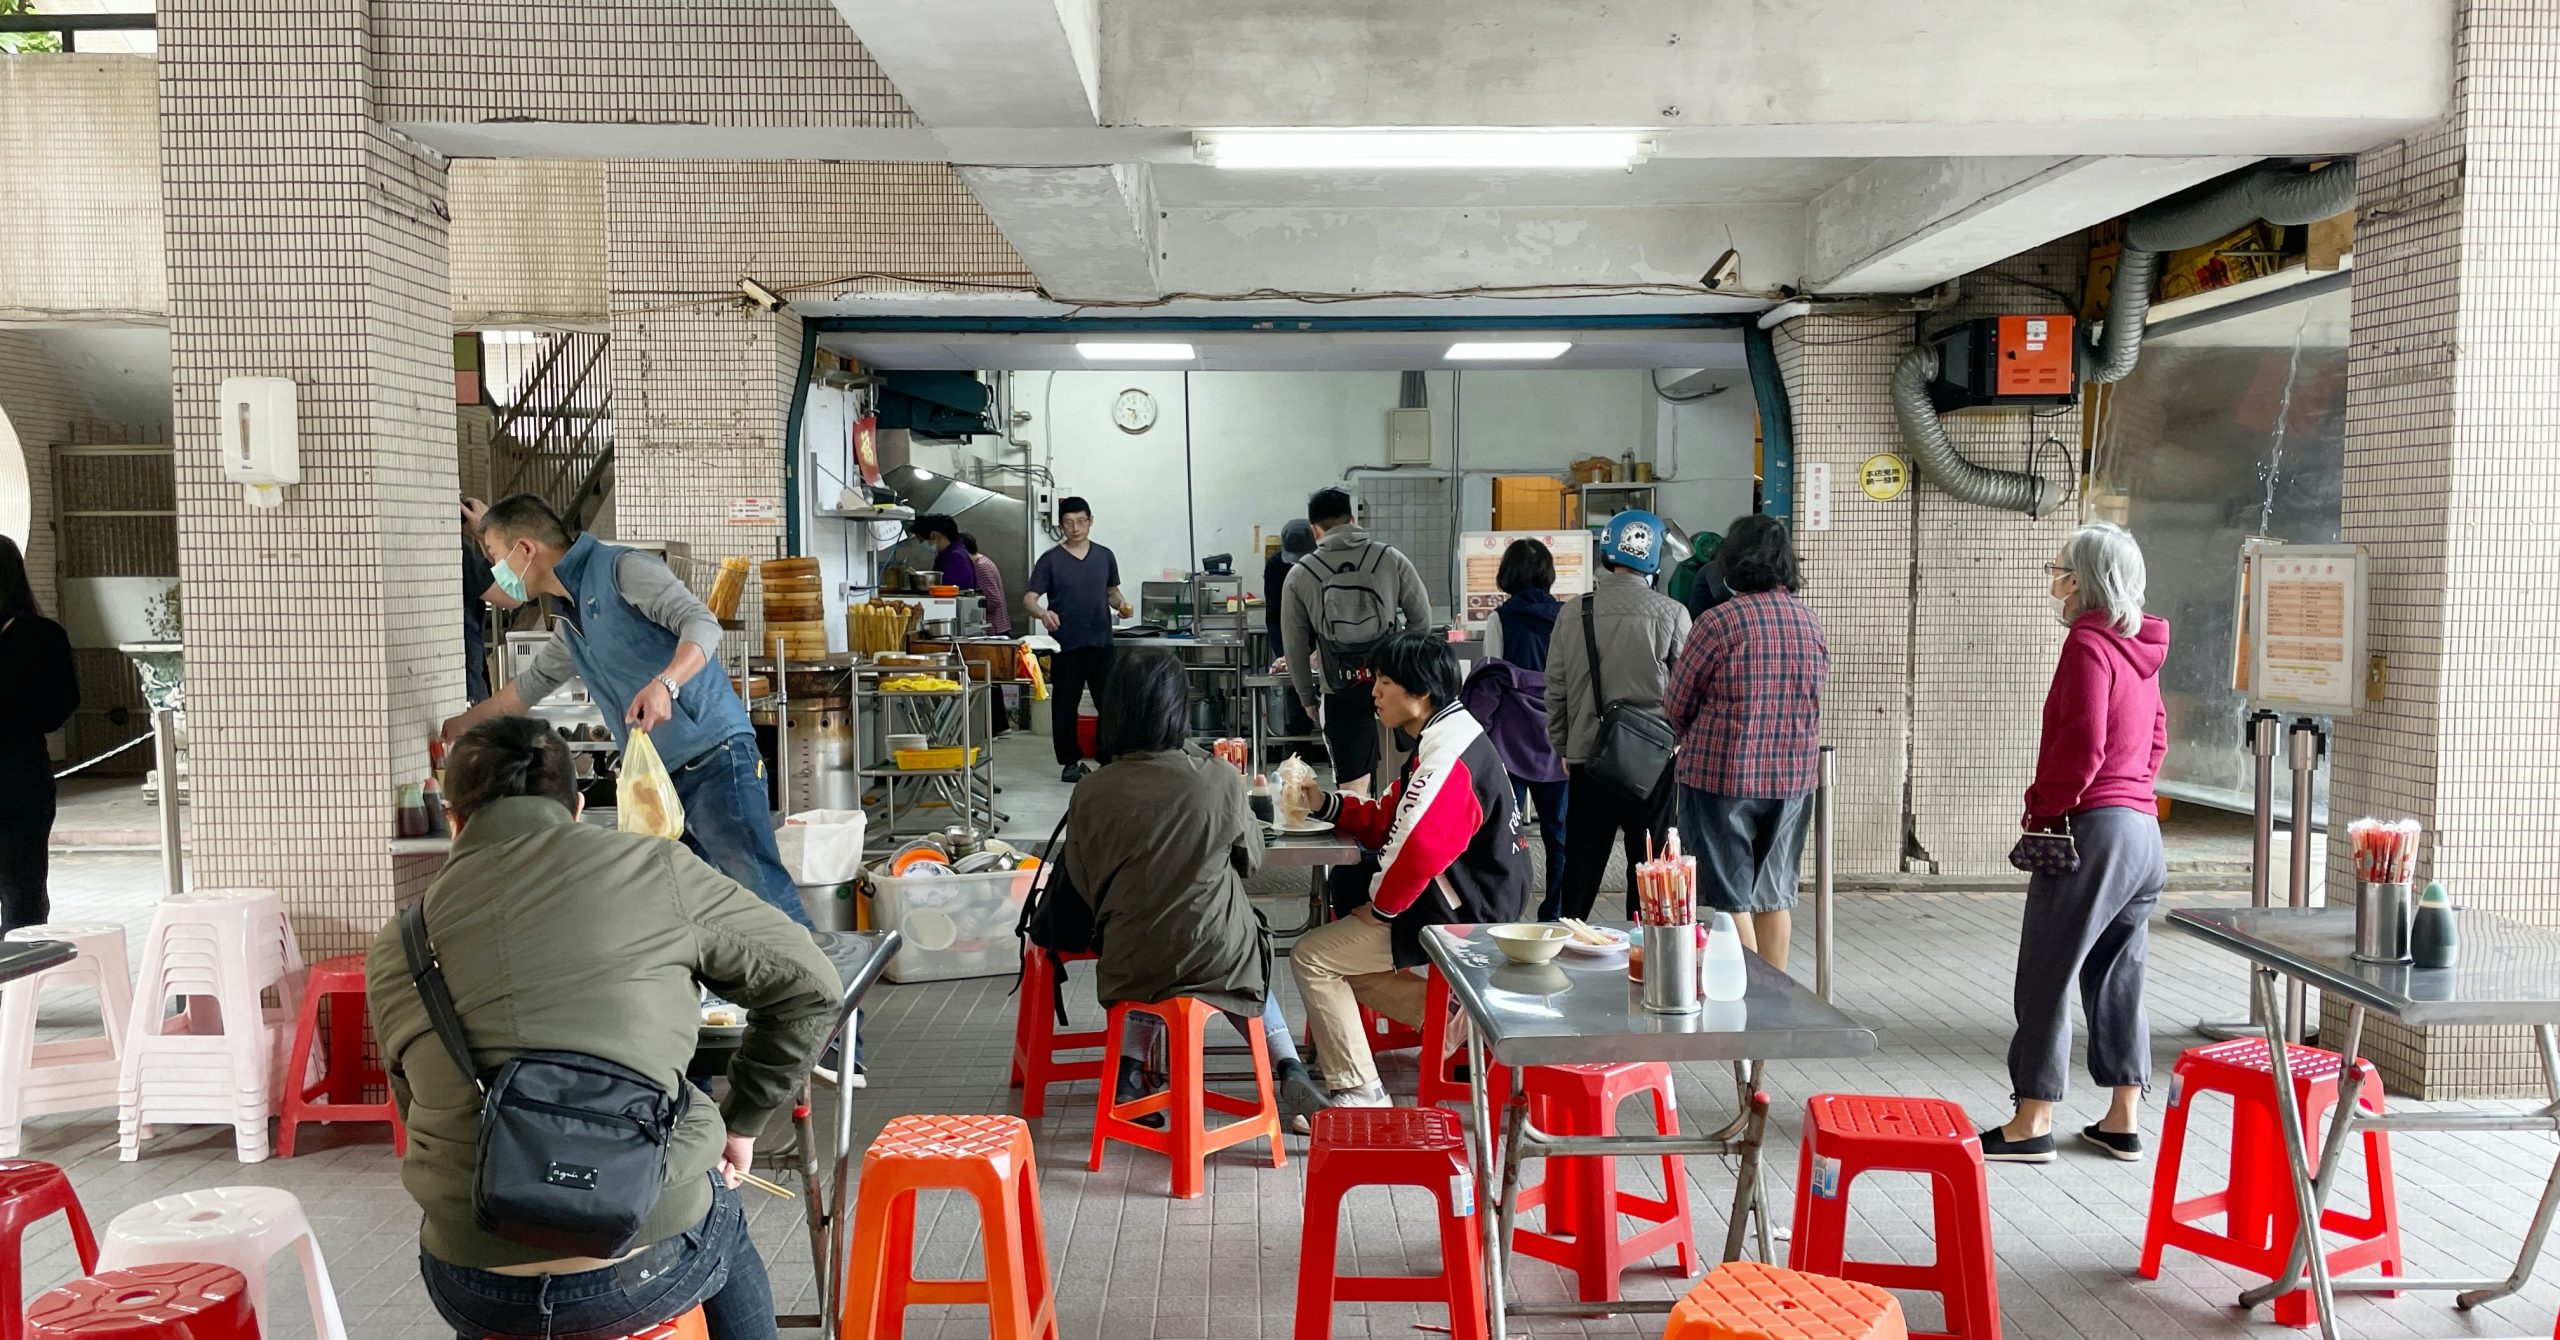 台北早餐懶人包,台北蛋餅懶人包,五湖豆漿,五湖豆漿菜單,五湖豆漿推薦 @Nash,神之領域